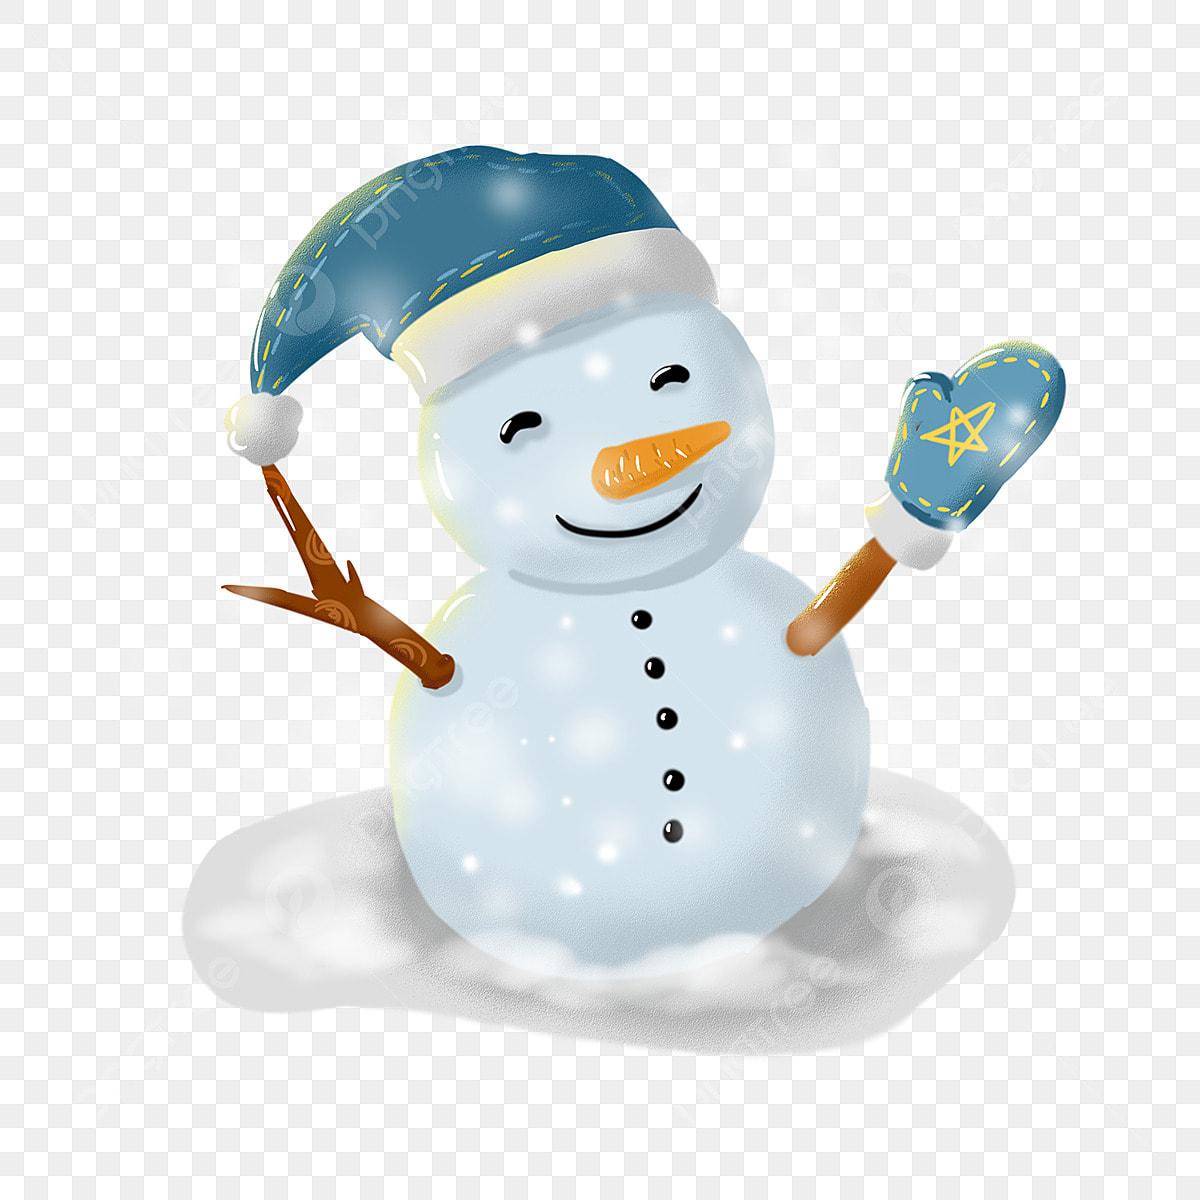 手描きかわいい雪だるまイラスト 漫画 キュート 手描き画像とpsd素材